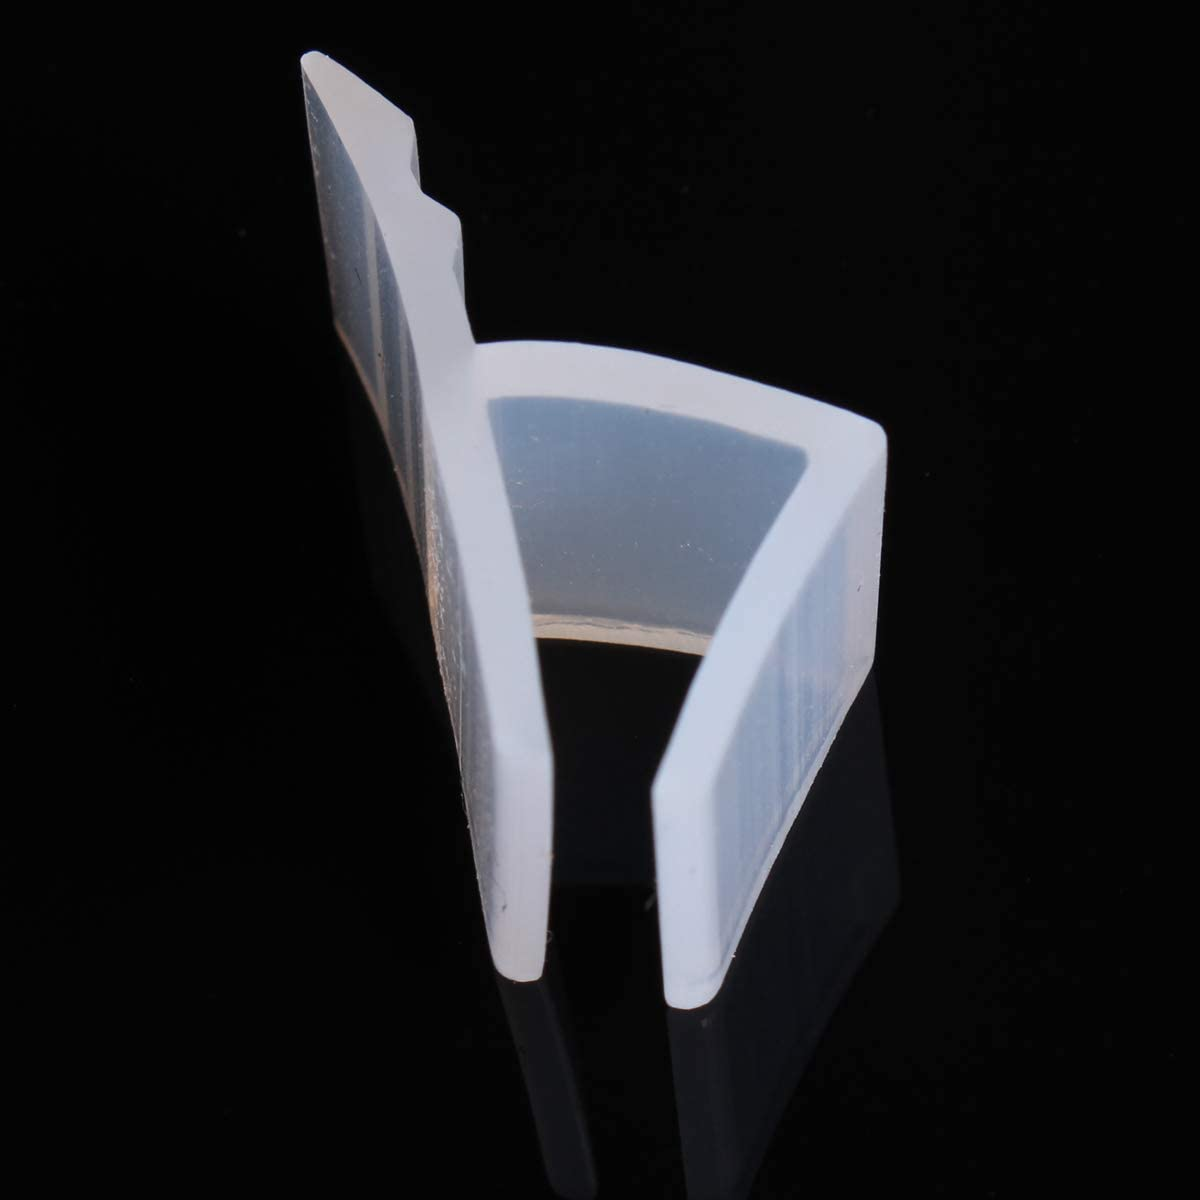 dDanke - Tira de sellado flexible de 2 m de longitud para mampara de baño o ducha de 6-12 mm de grosor, 10 mm: Amazon.es: Hogar